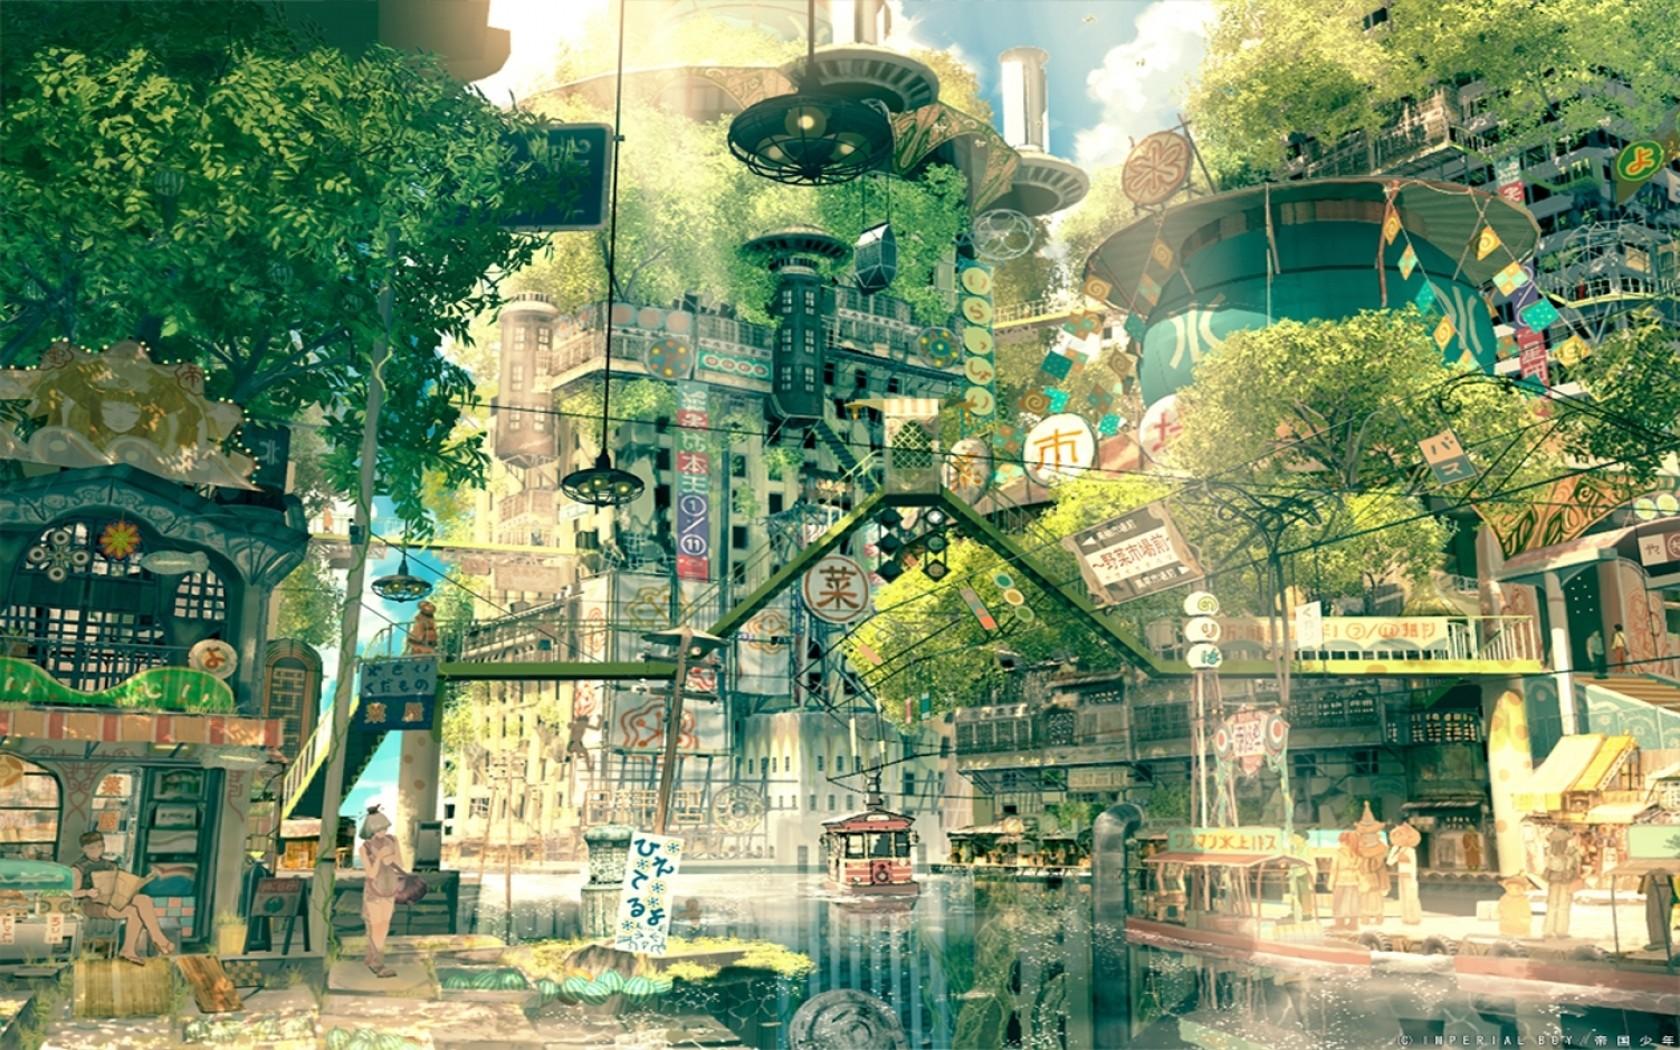 Drawn wallpaper cityscape  #city Imperial cityscape #cityscape